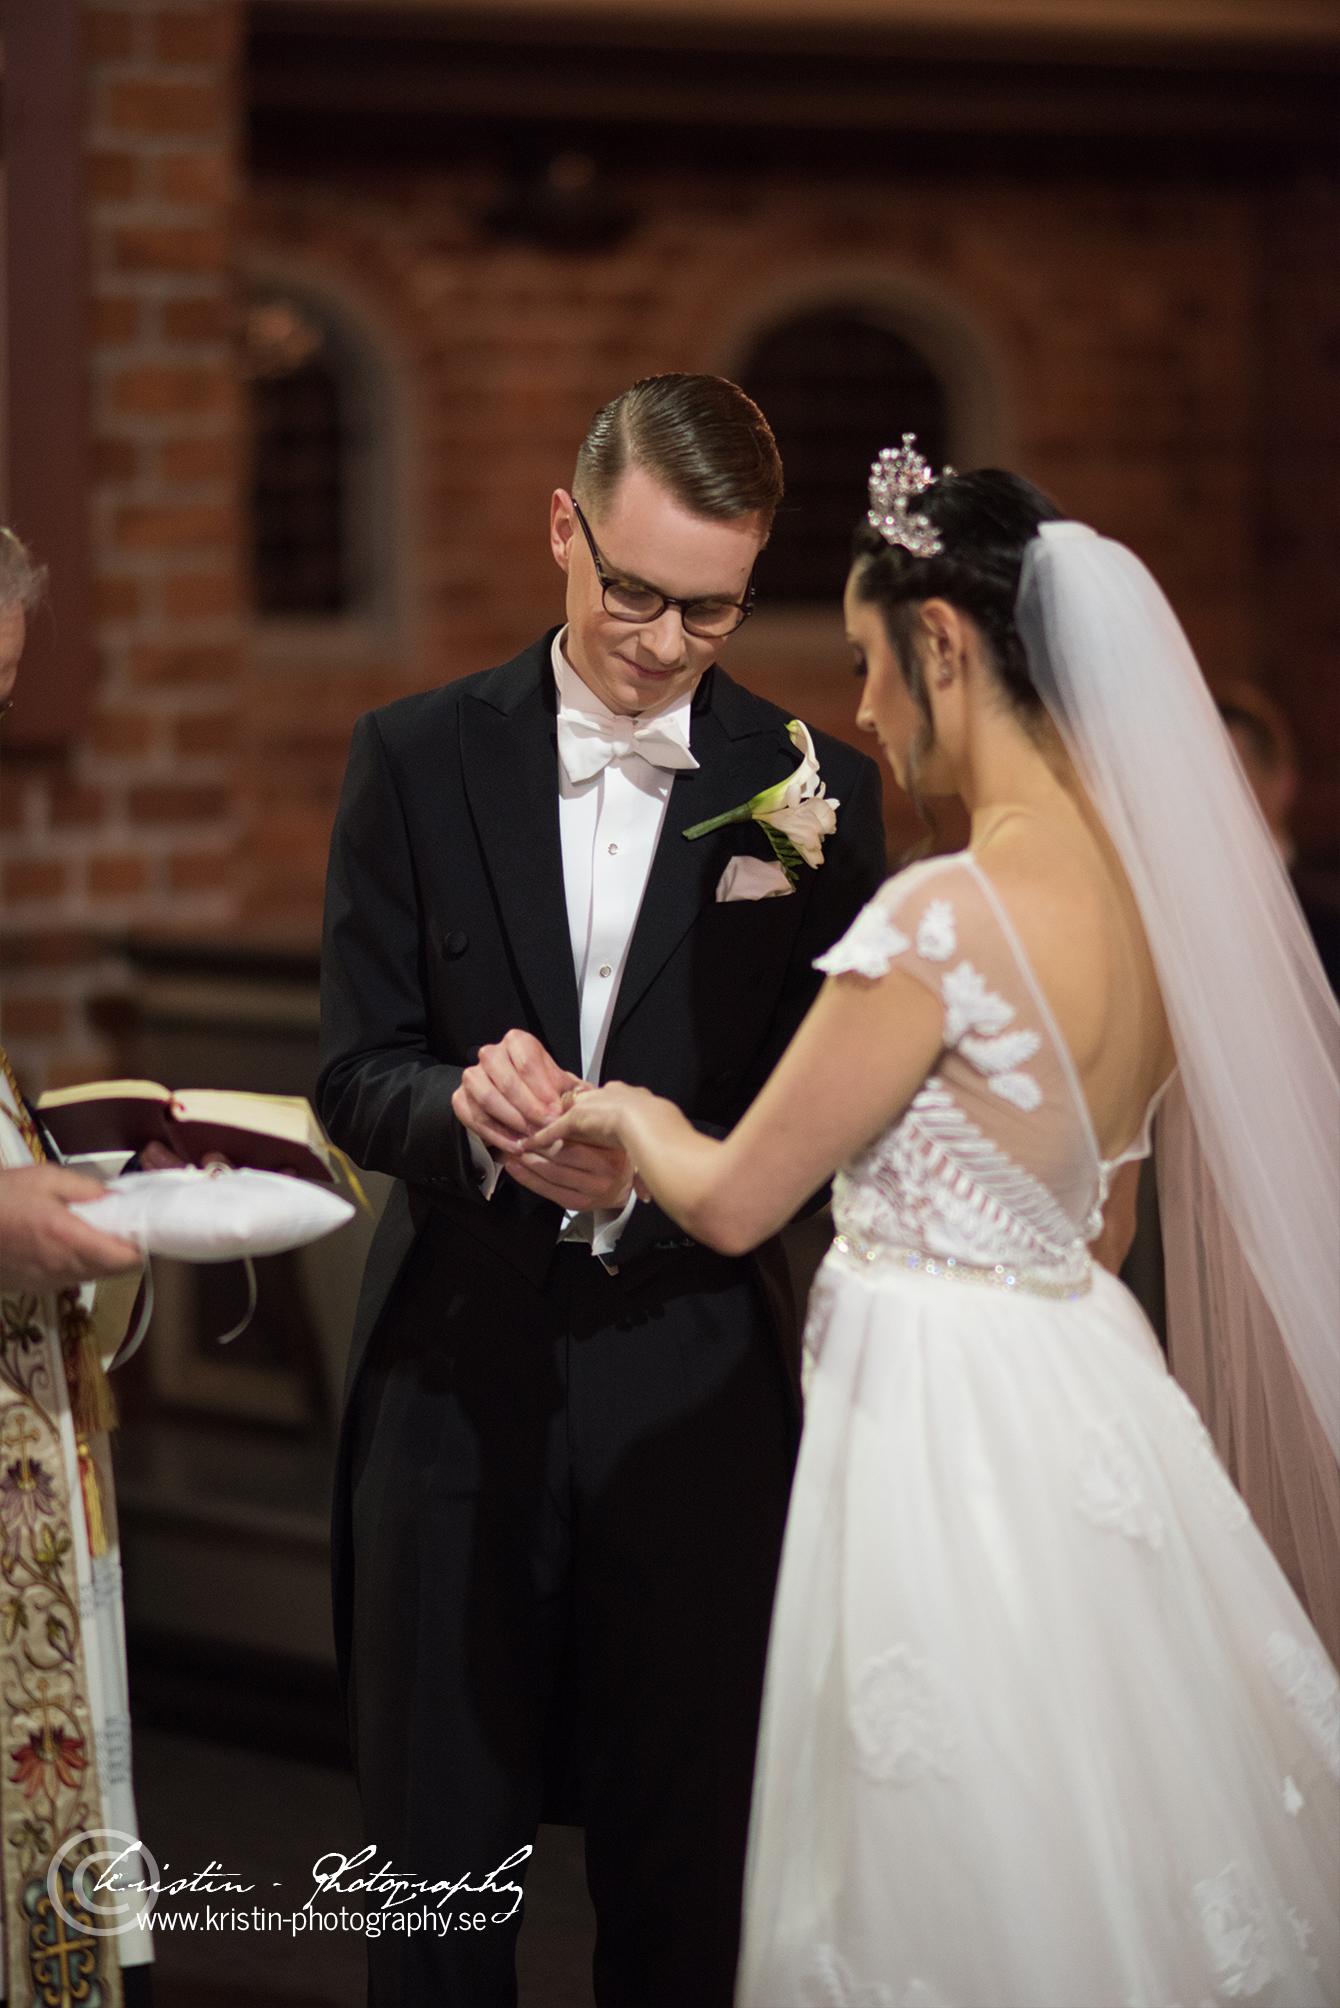 Bröllopsfotograf i Eskilstuna, Kristin - Photography, weddingphotographer -2c.jpg